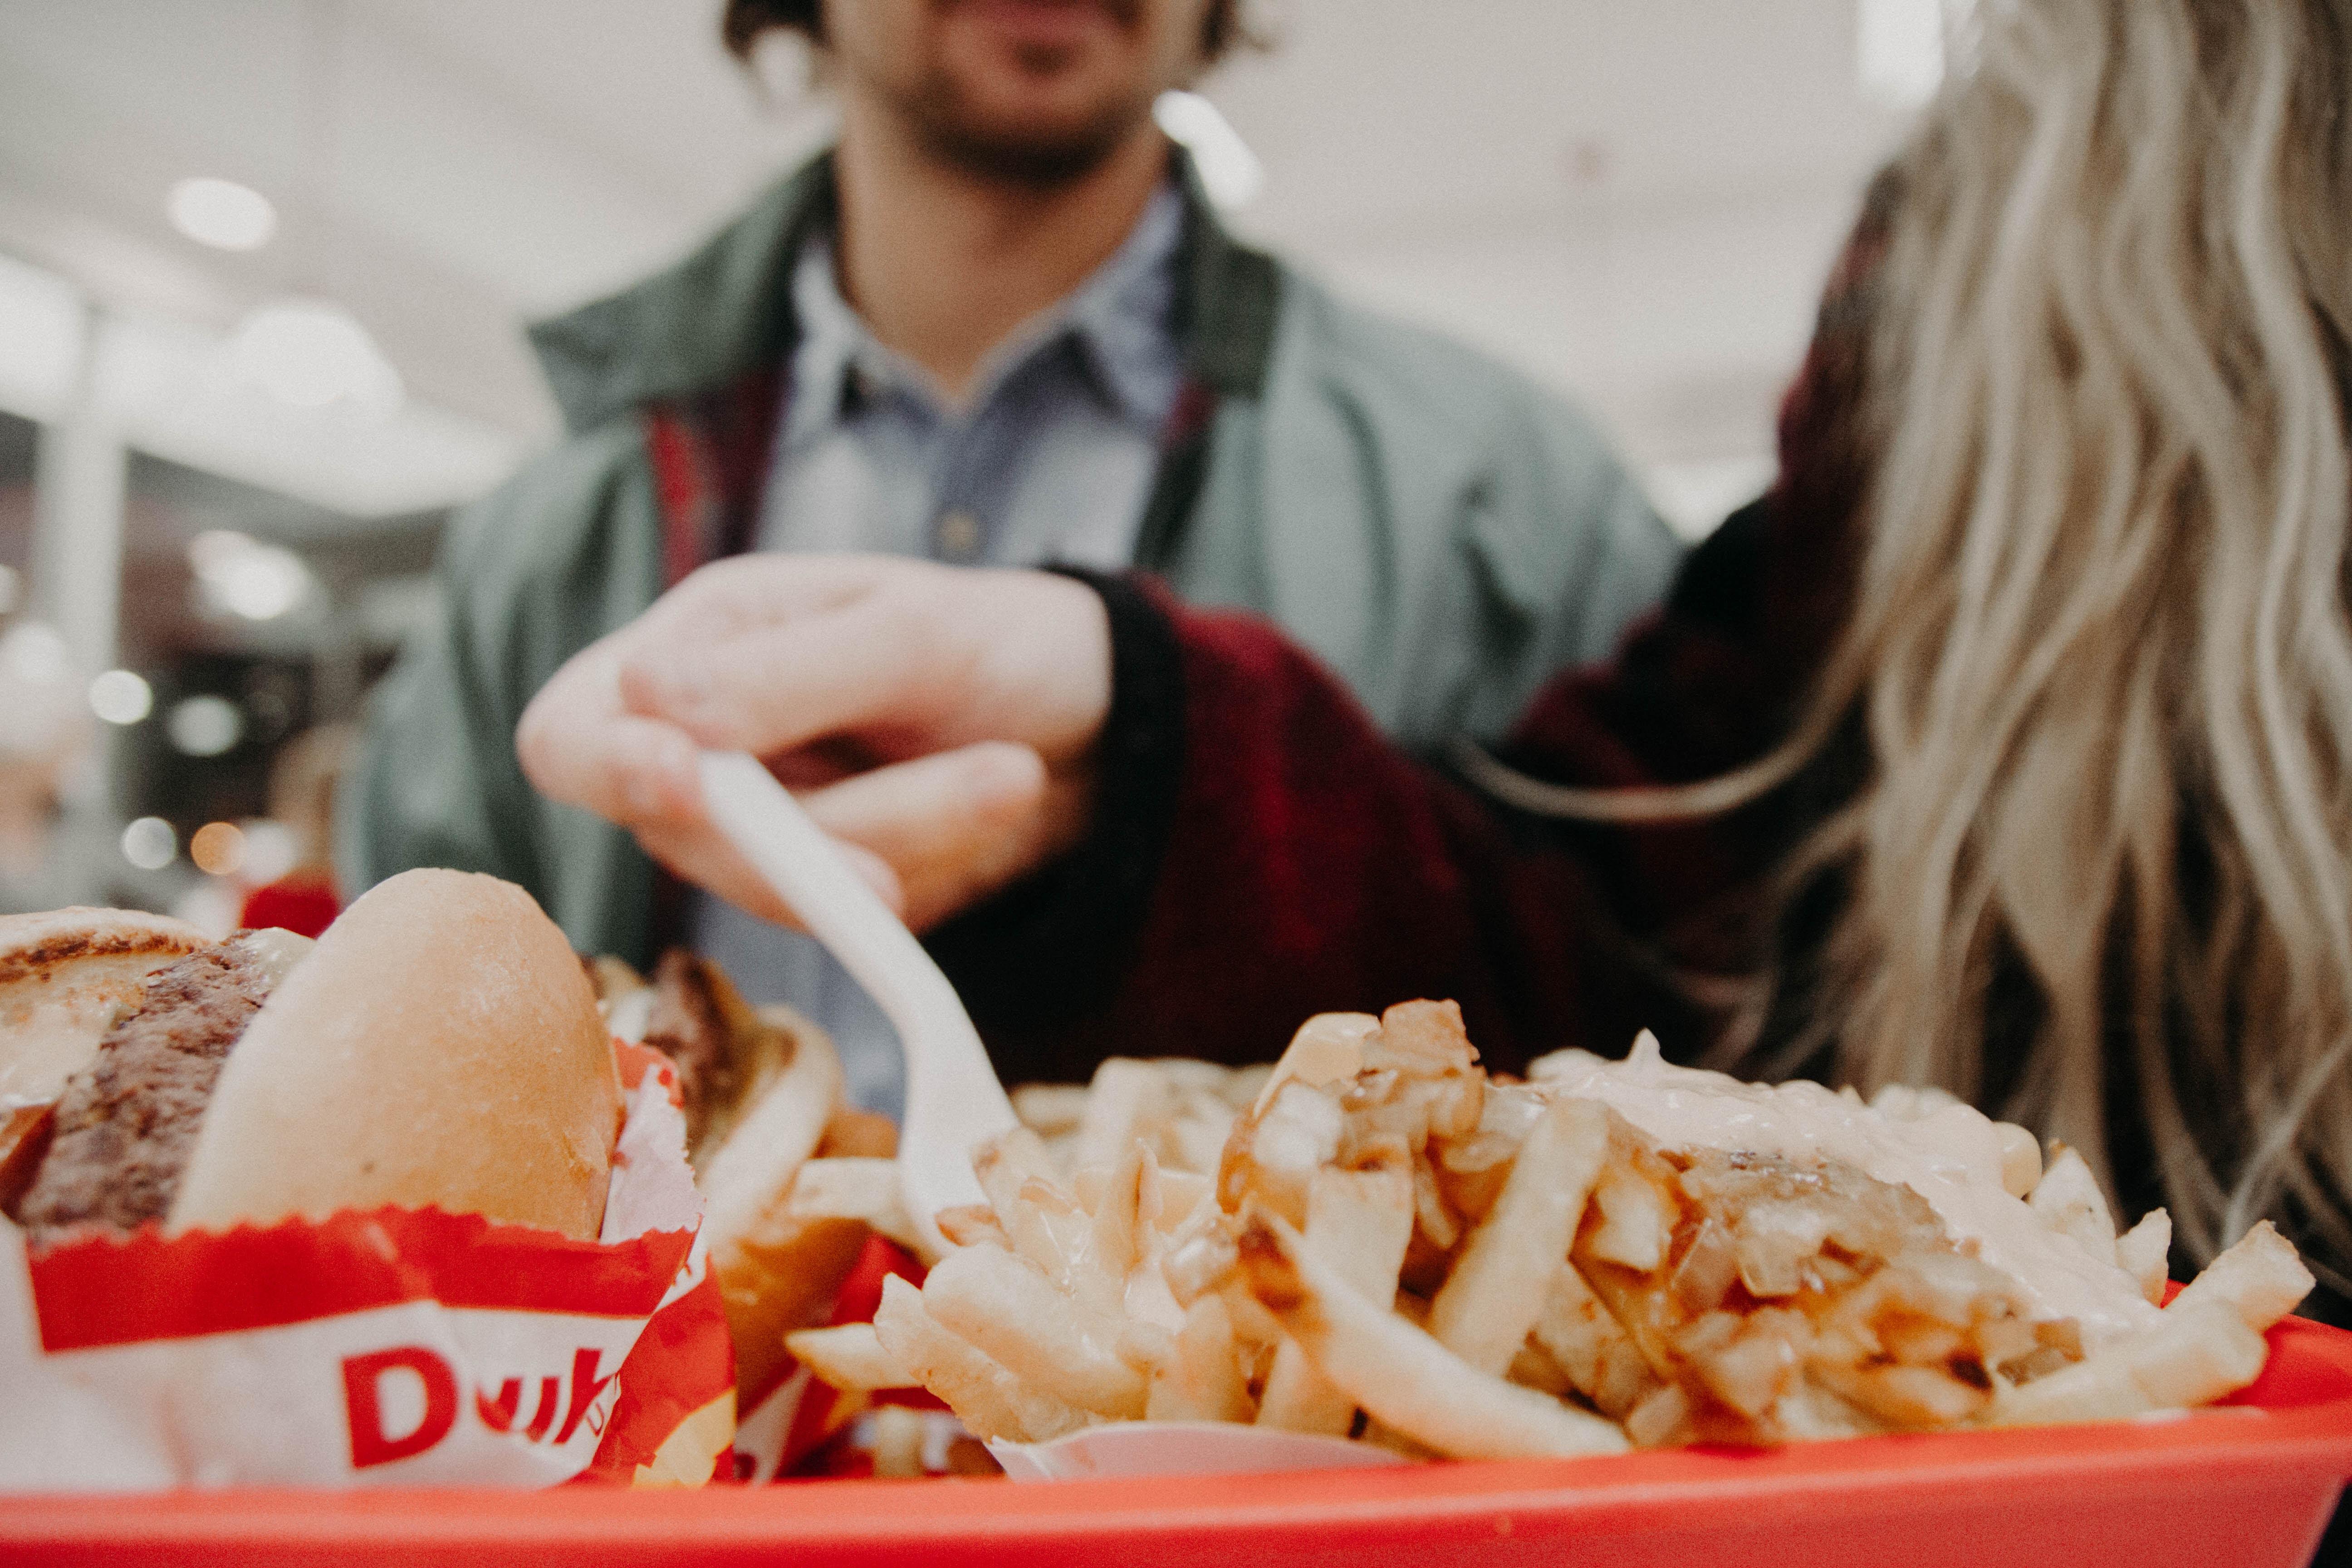 batata frita e hamburger em uma bandeja